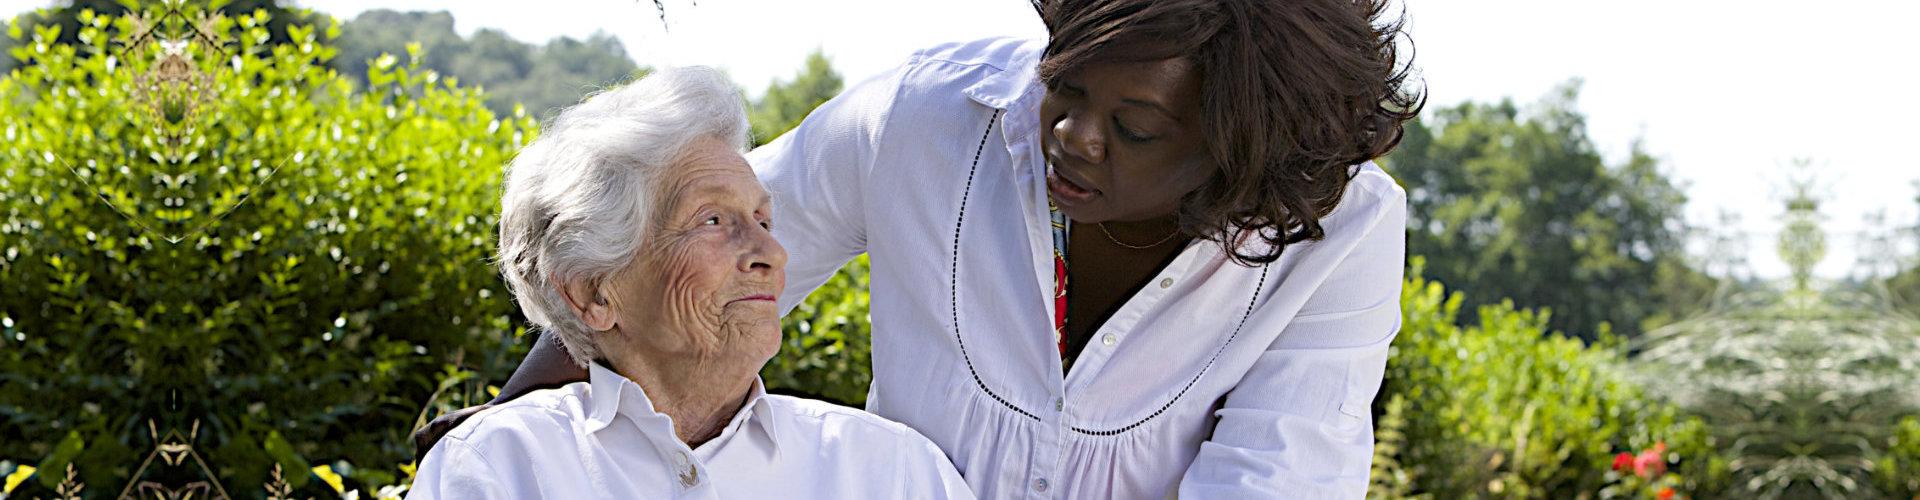 a senior on a wheel chair with a nurse